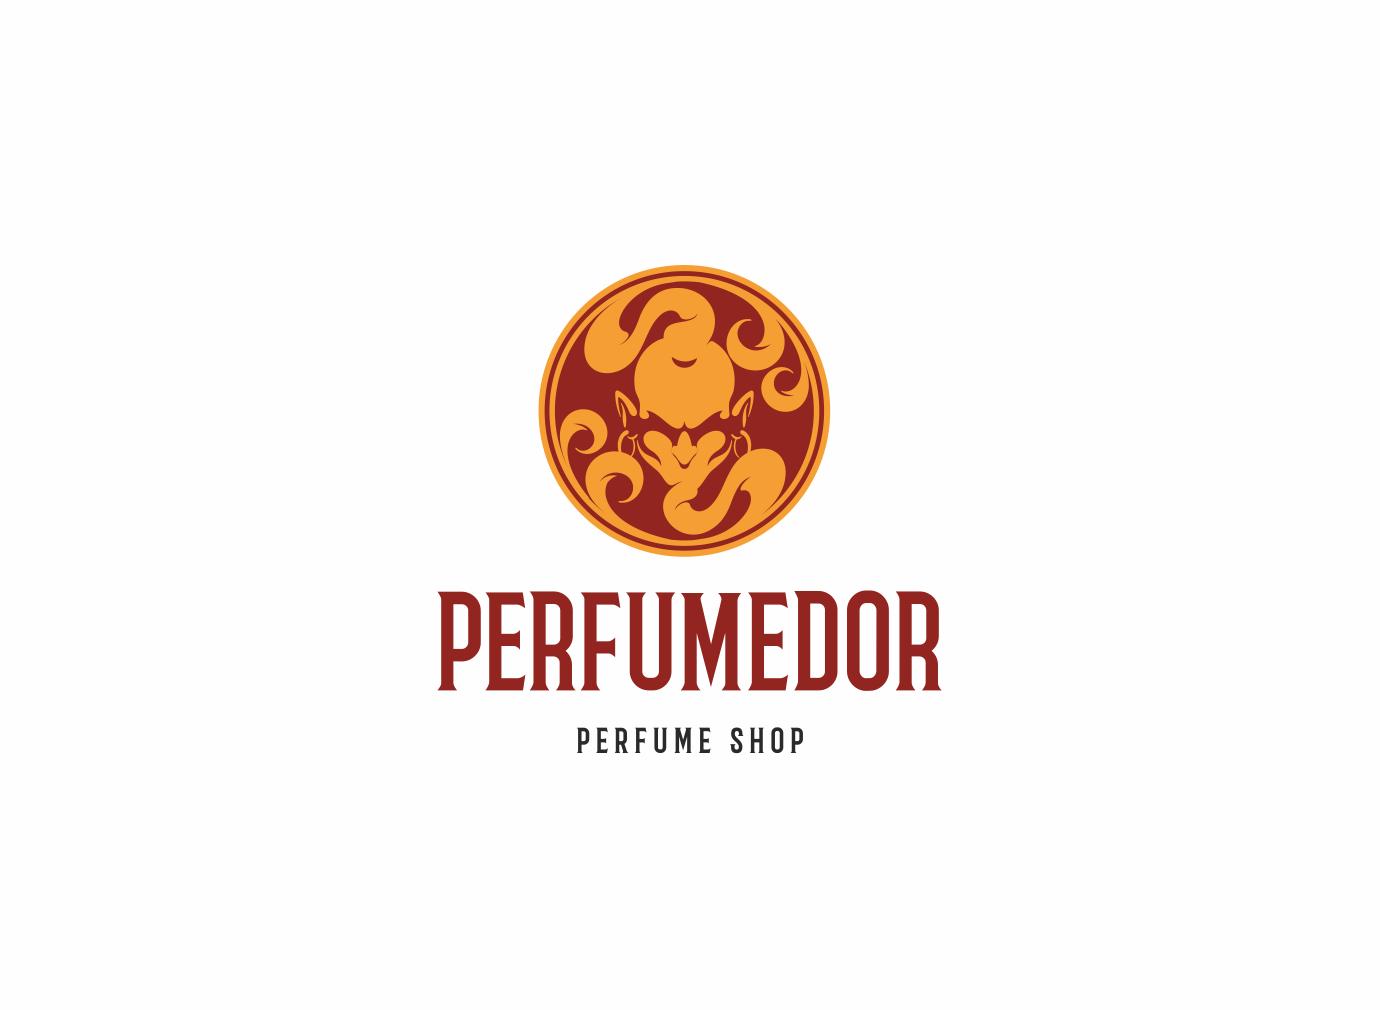 Логотип для интернет-магазина парфюмерии фото f_0925b464067e6f85.png